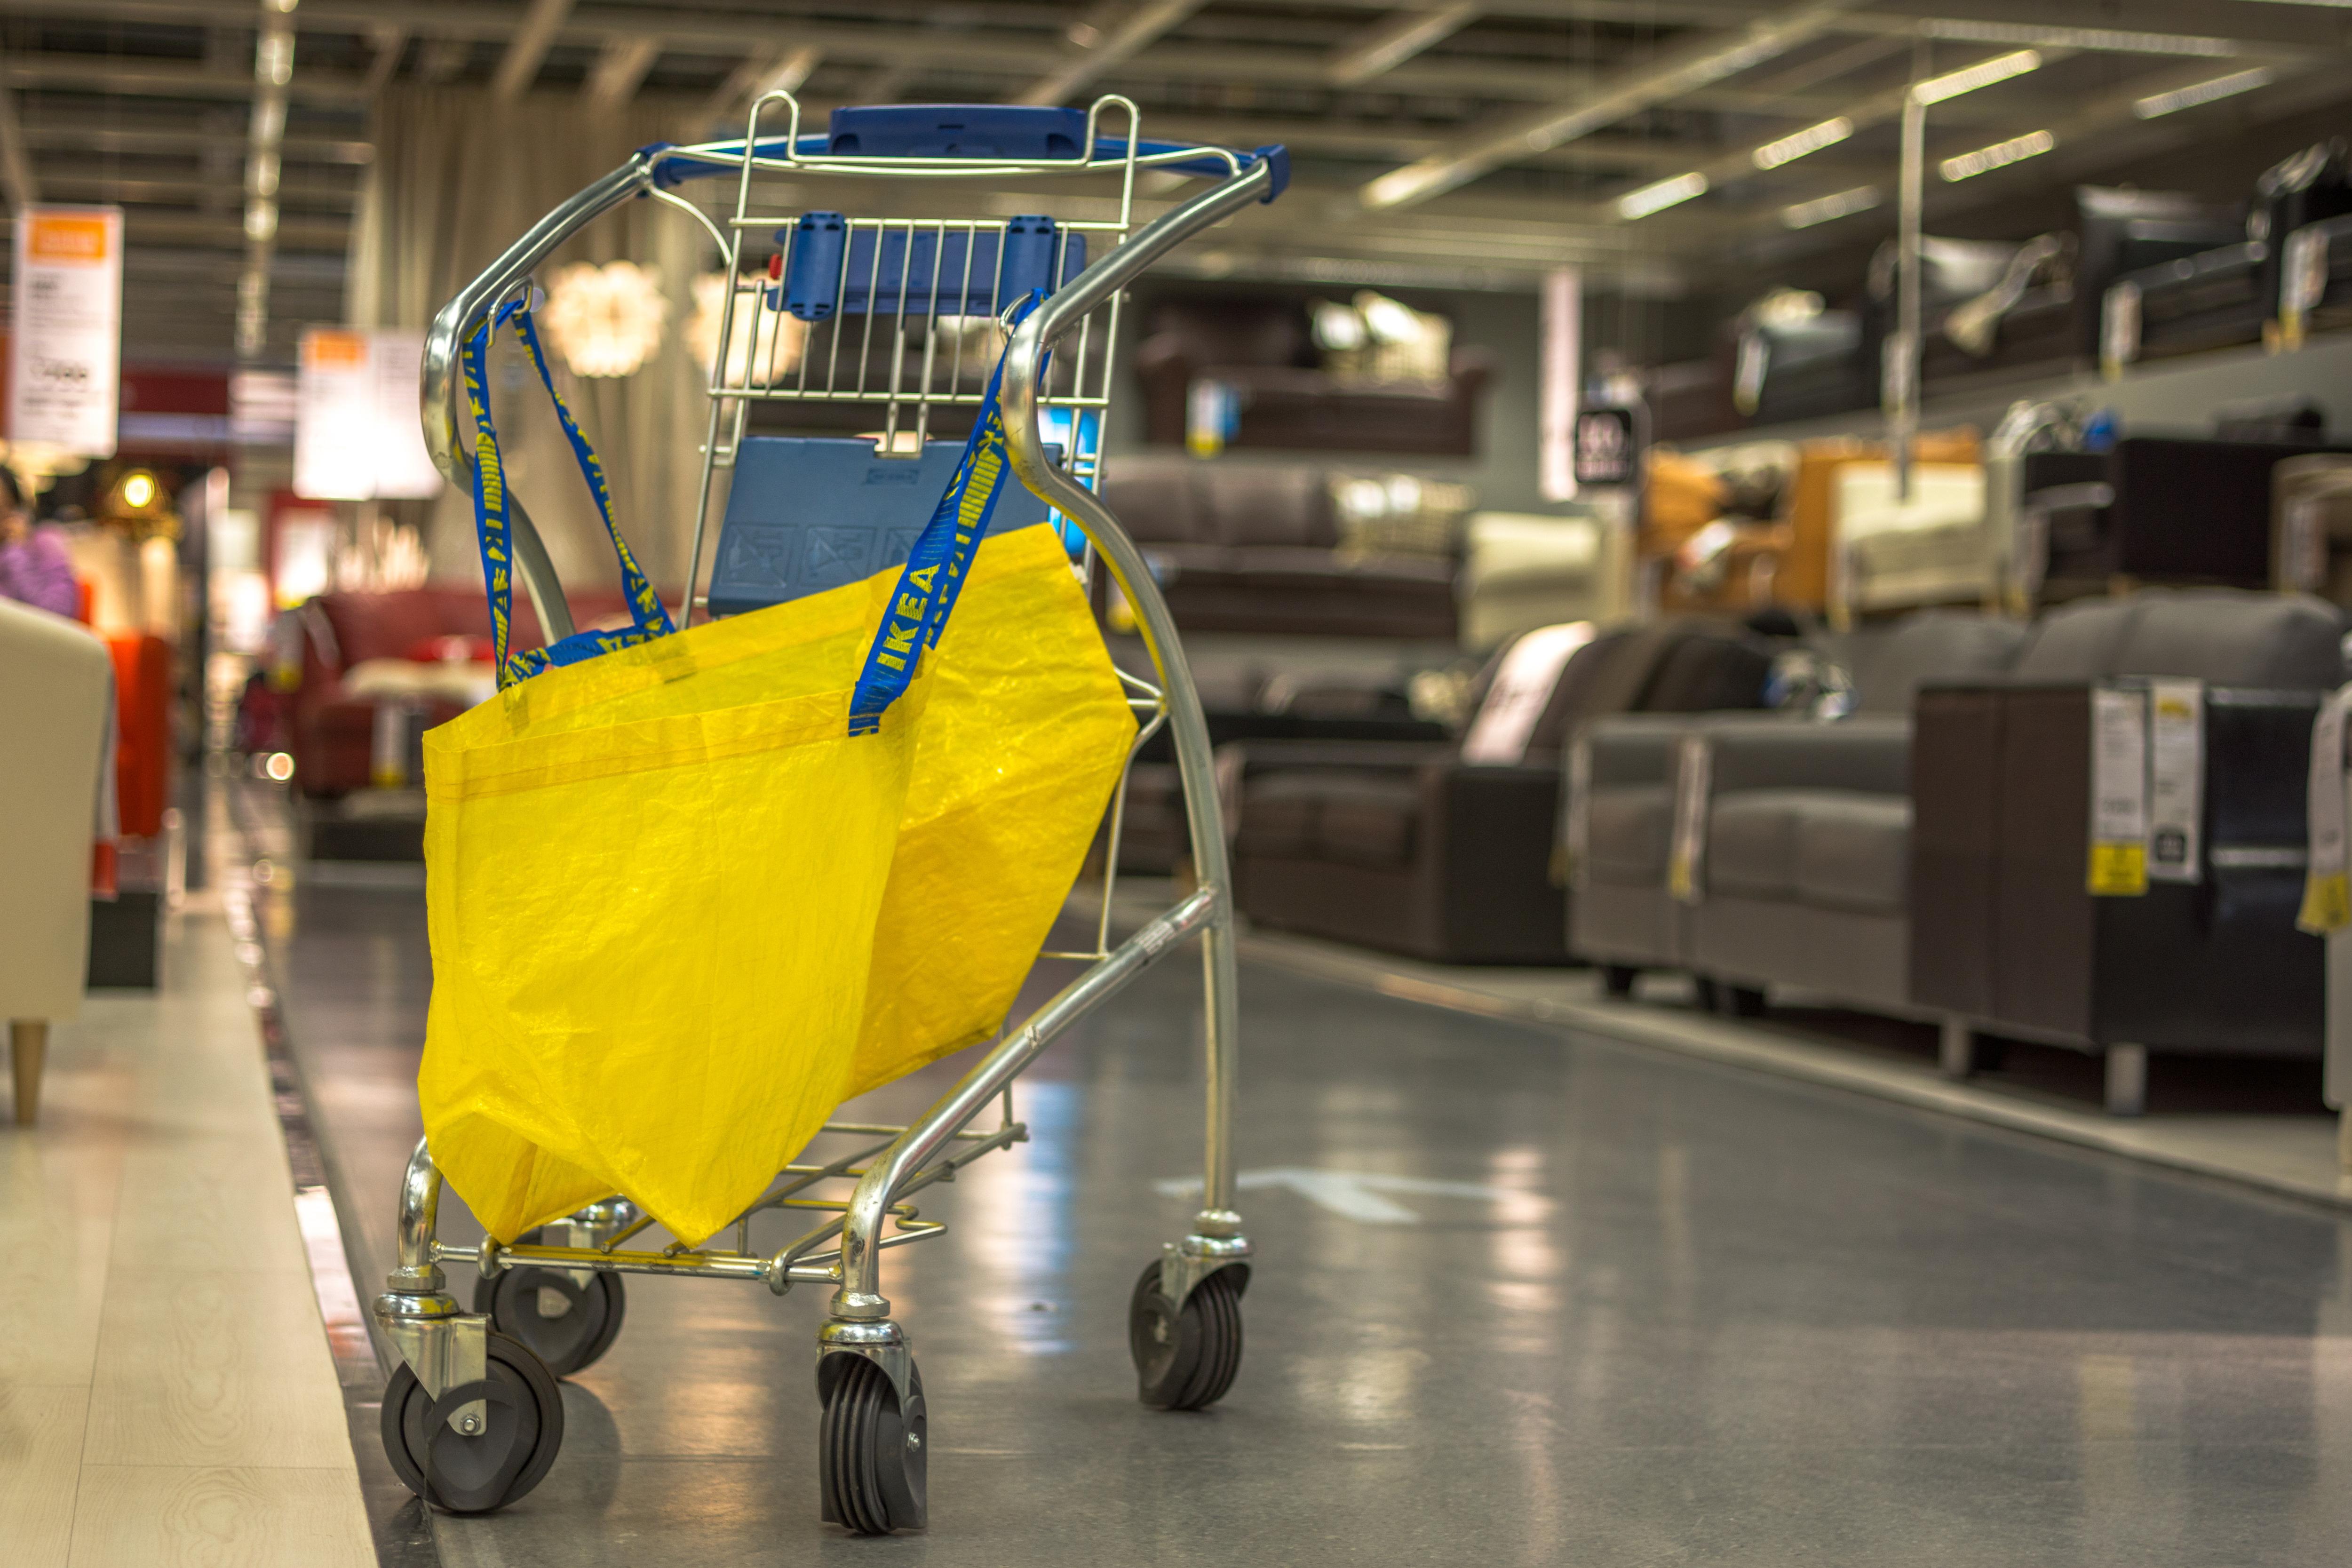 A shopping bag and cart in Beijing Inter Ikea shopping